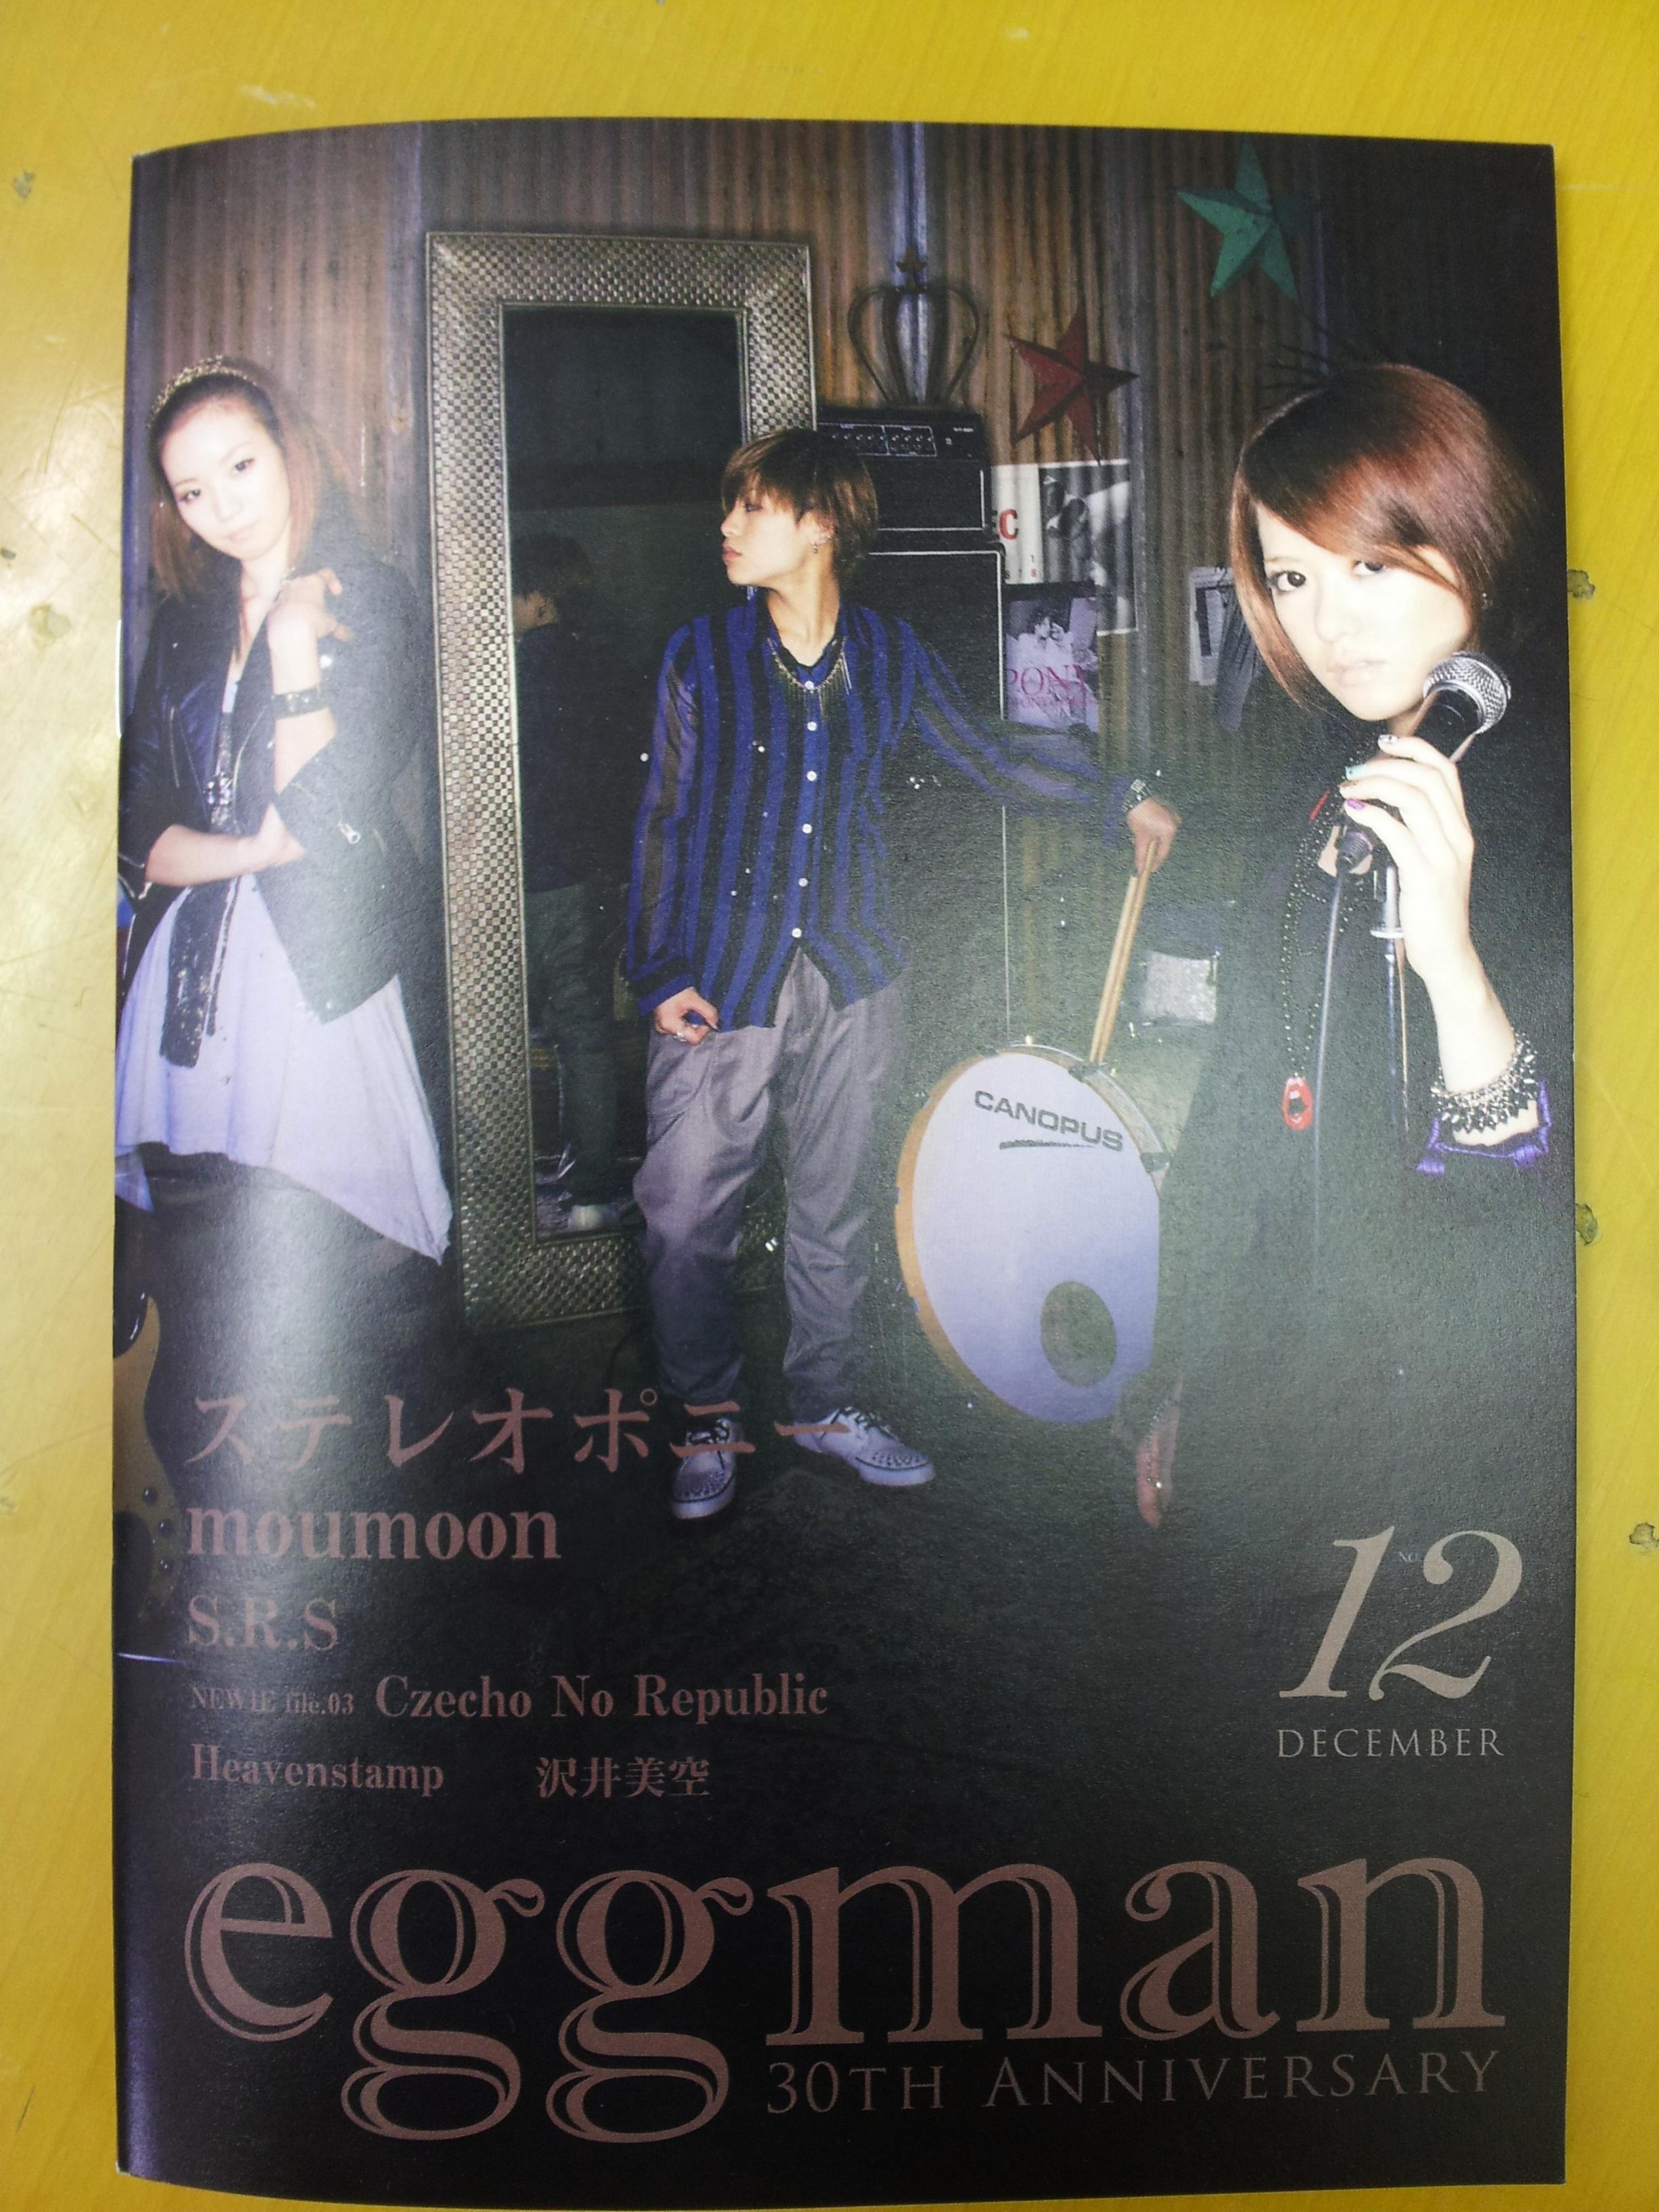 2011-12-01 17.12.39.jpg